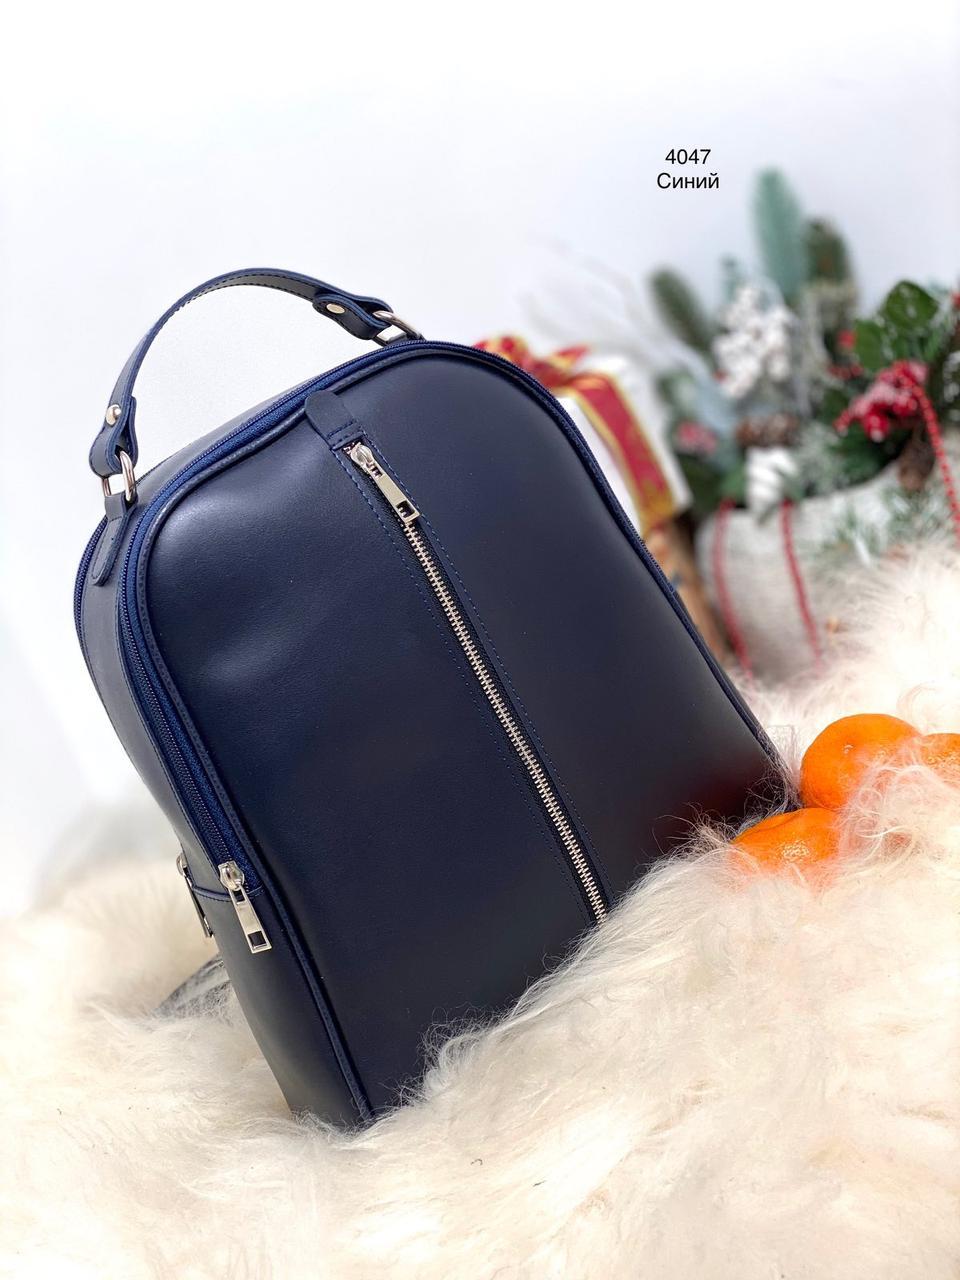 Сумка рюкзак женский молодежный городской брендовый большой А4 синий экокожа